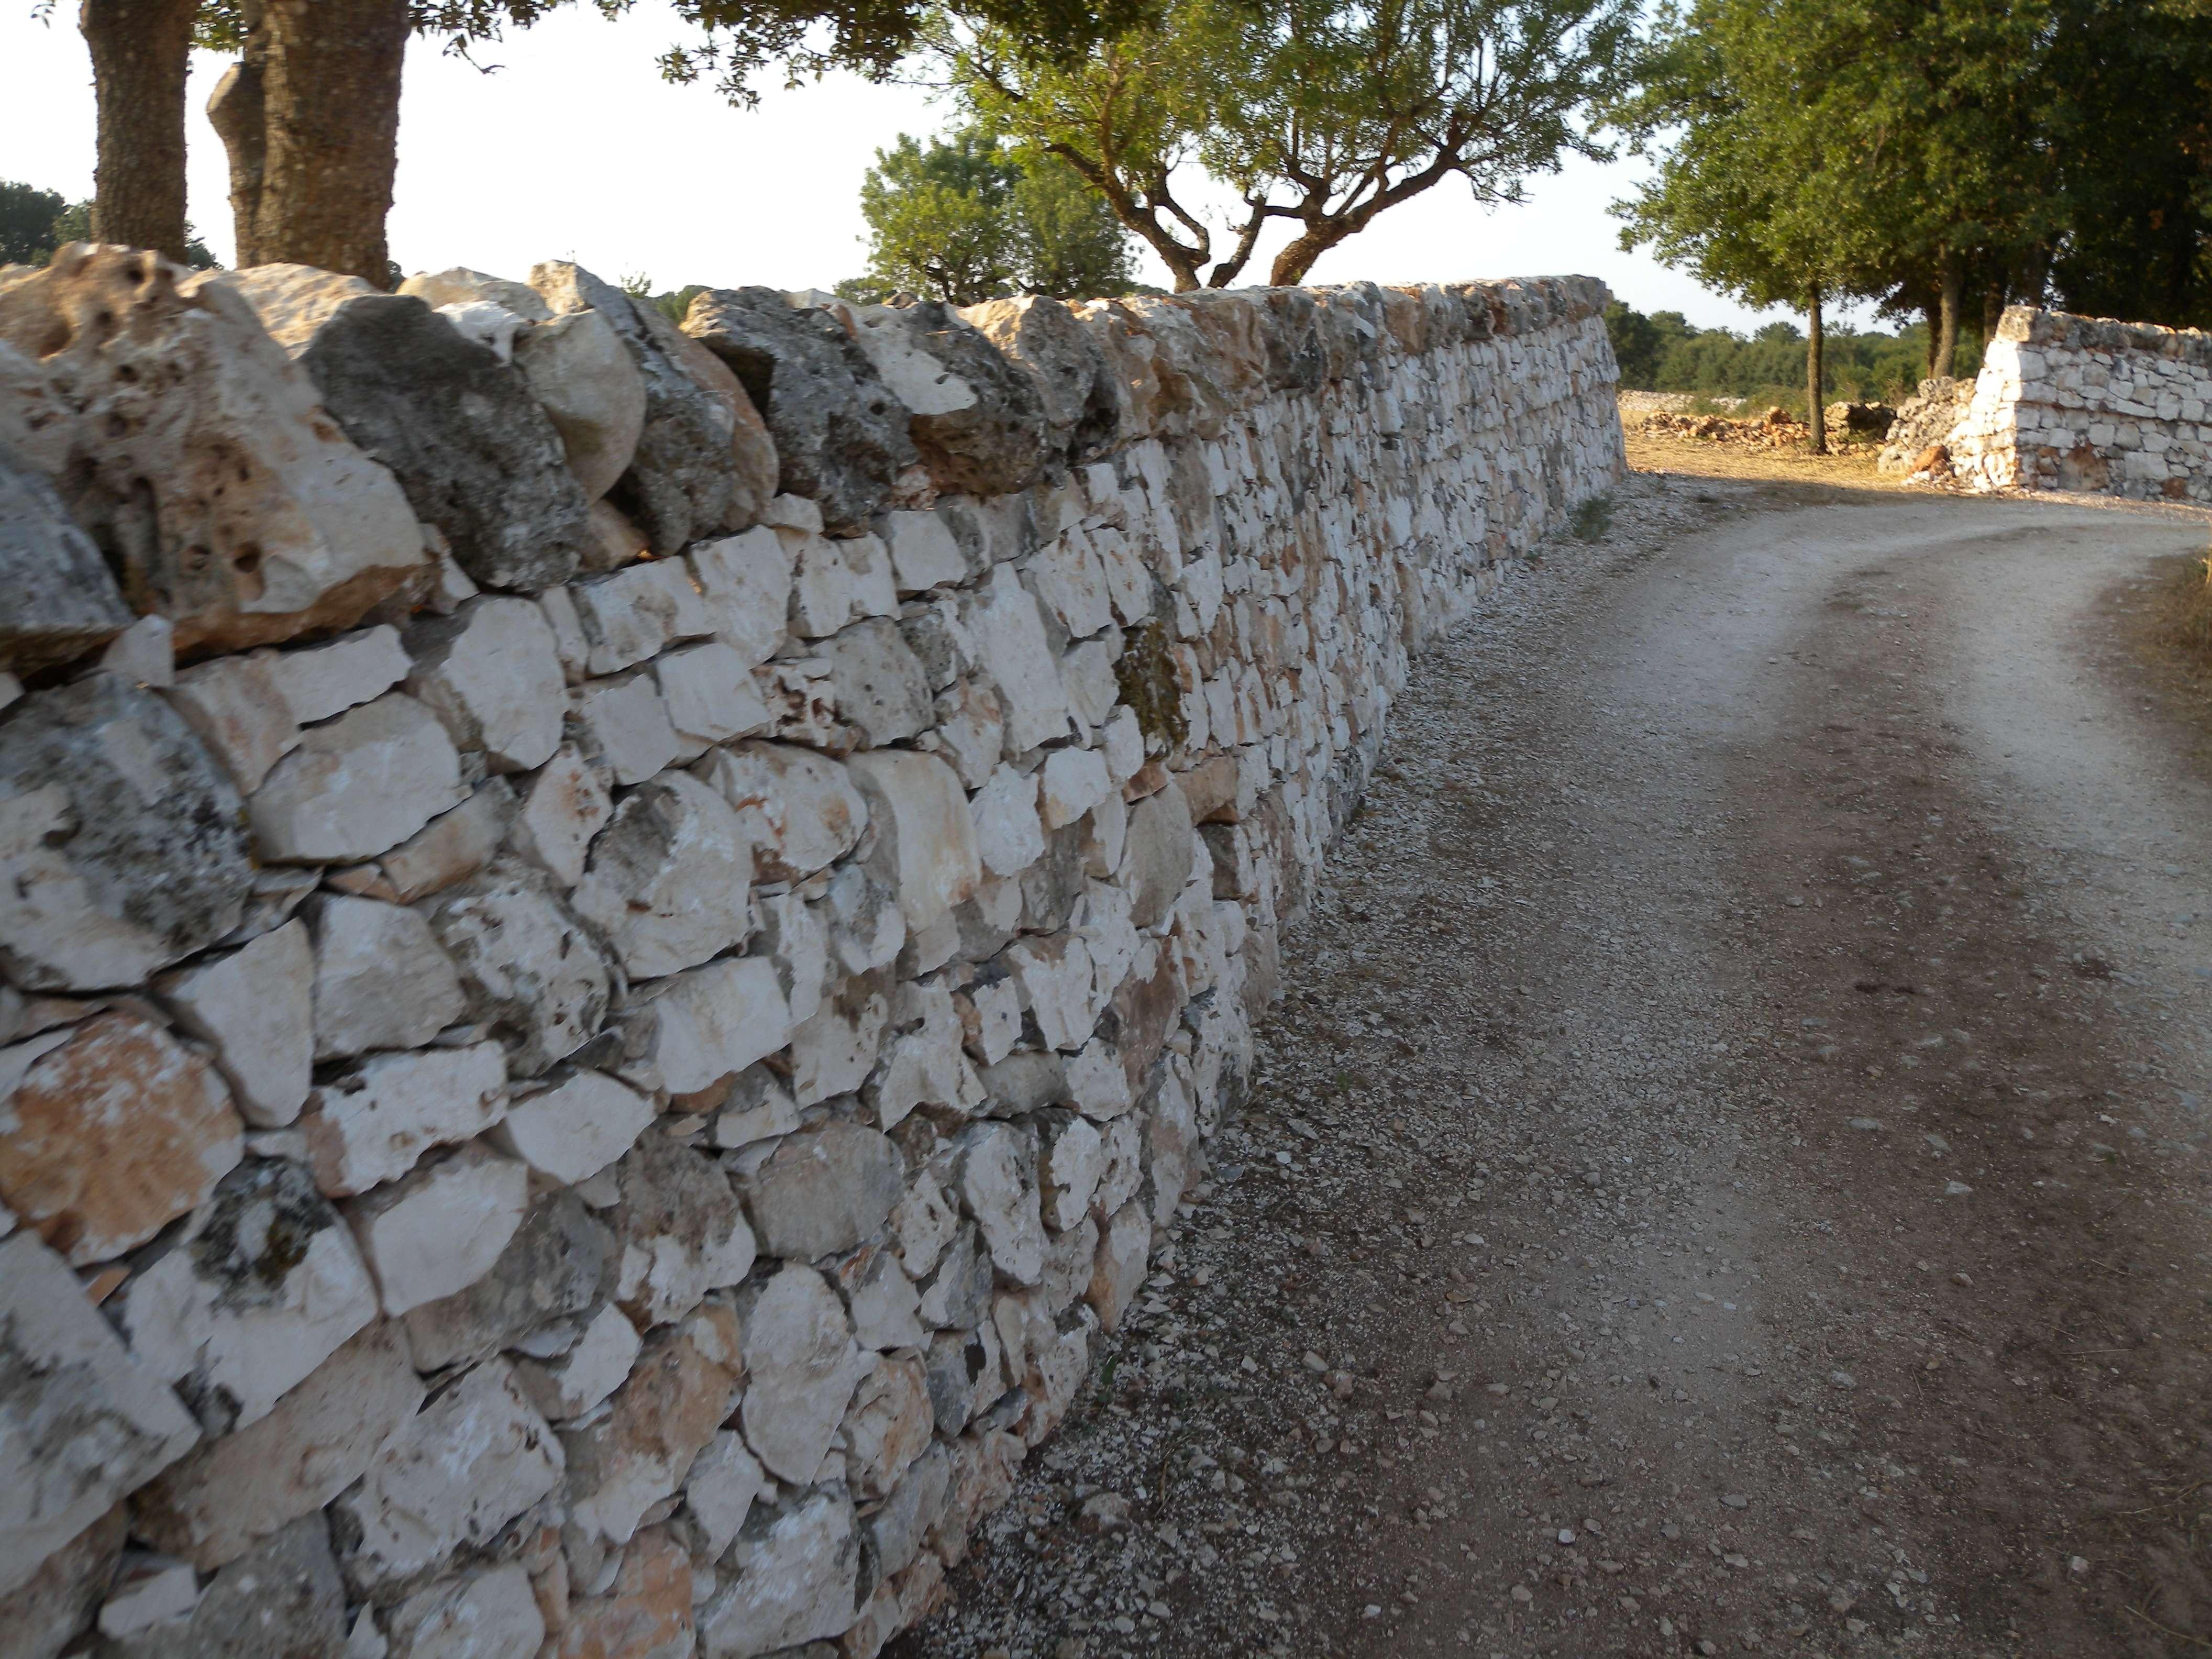 strada delimitata da muretto in pietra